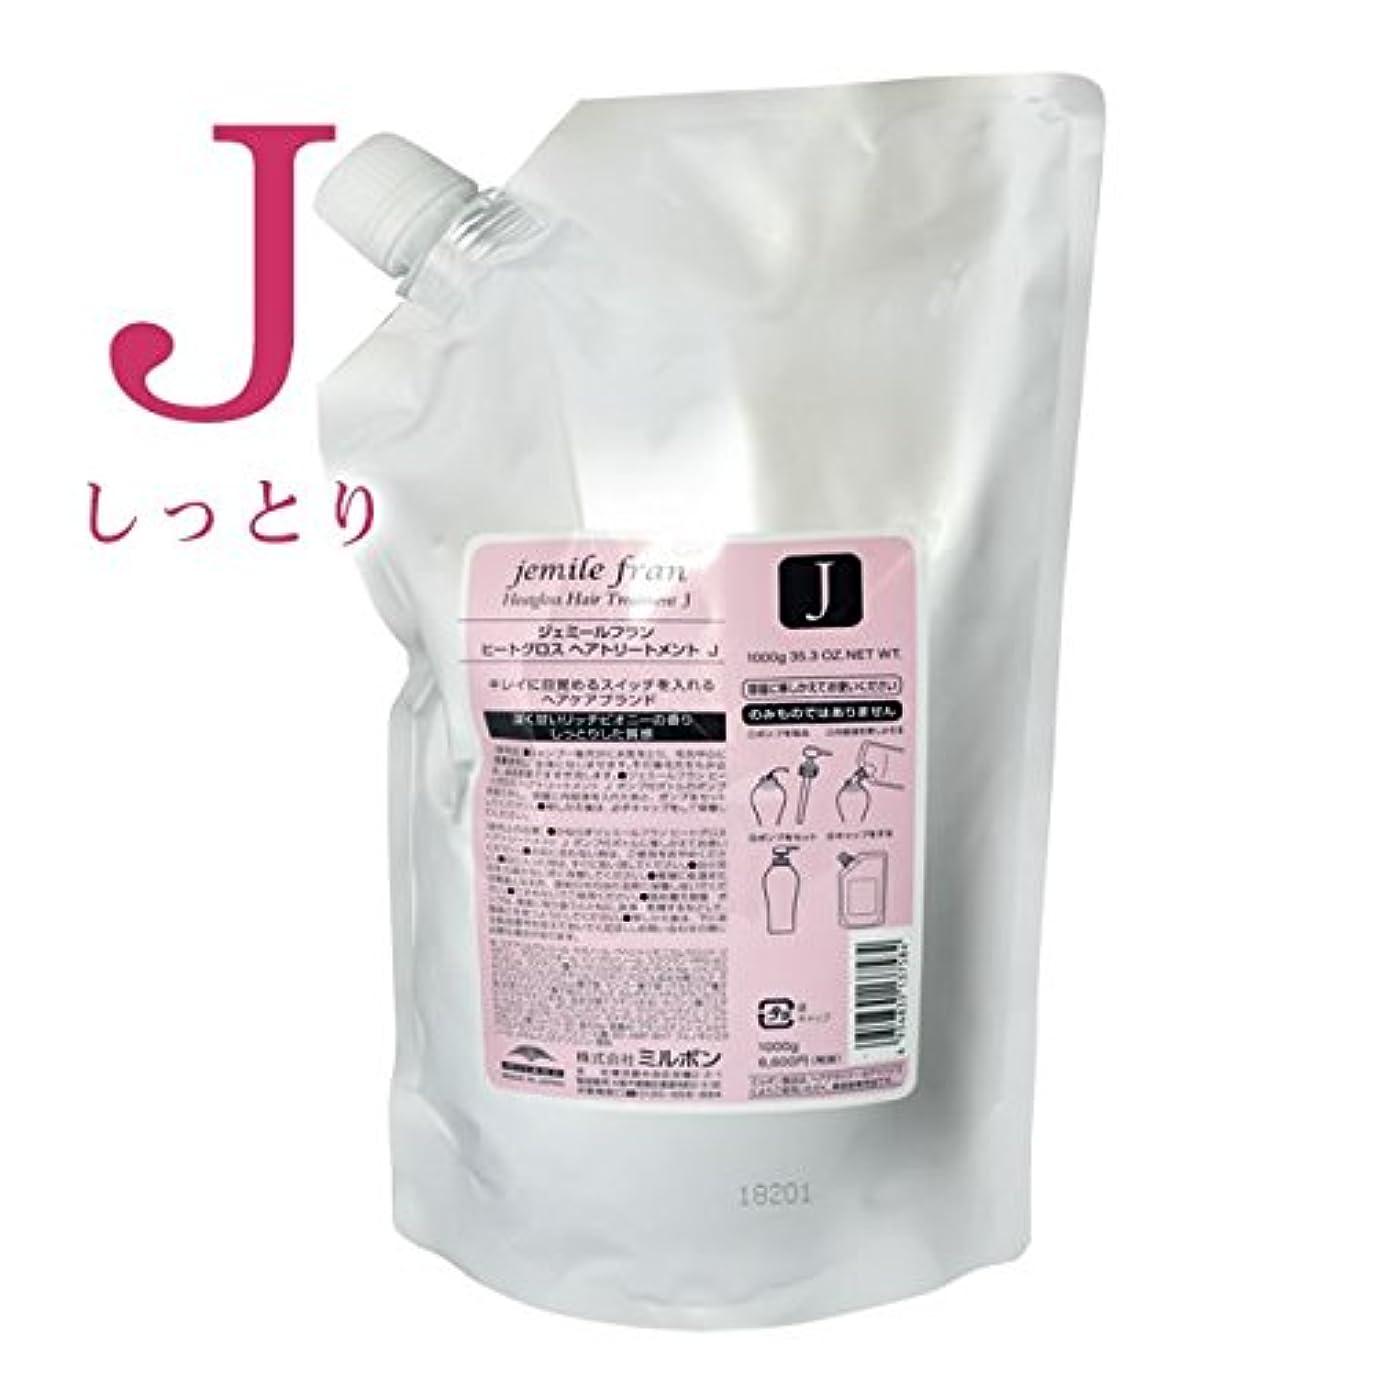 ヒギンズ砂のお手入れミルボン ジェミールフラン ヒートグロス トリートメントJ 1000g (詰替用)